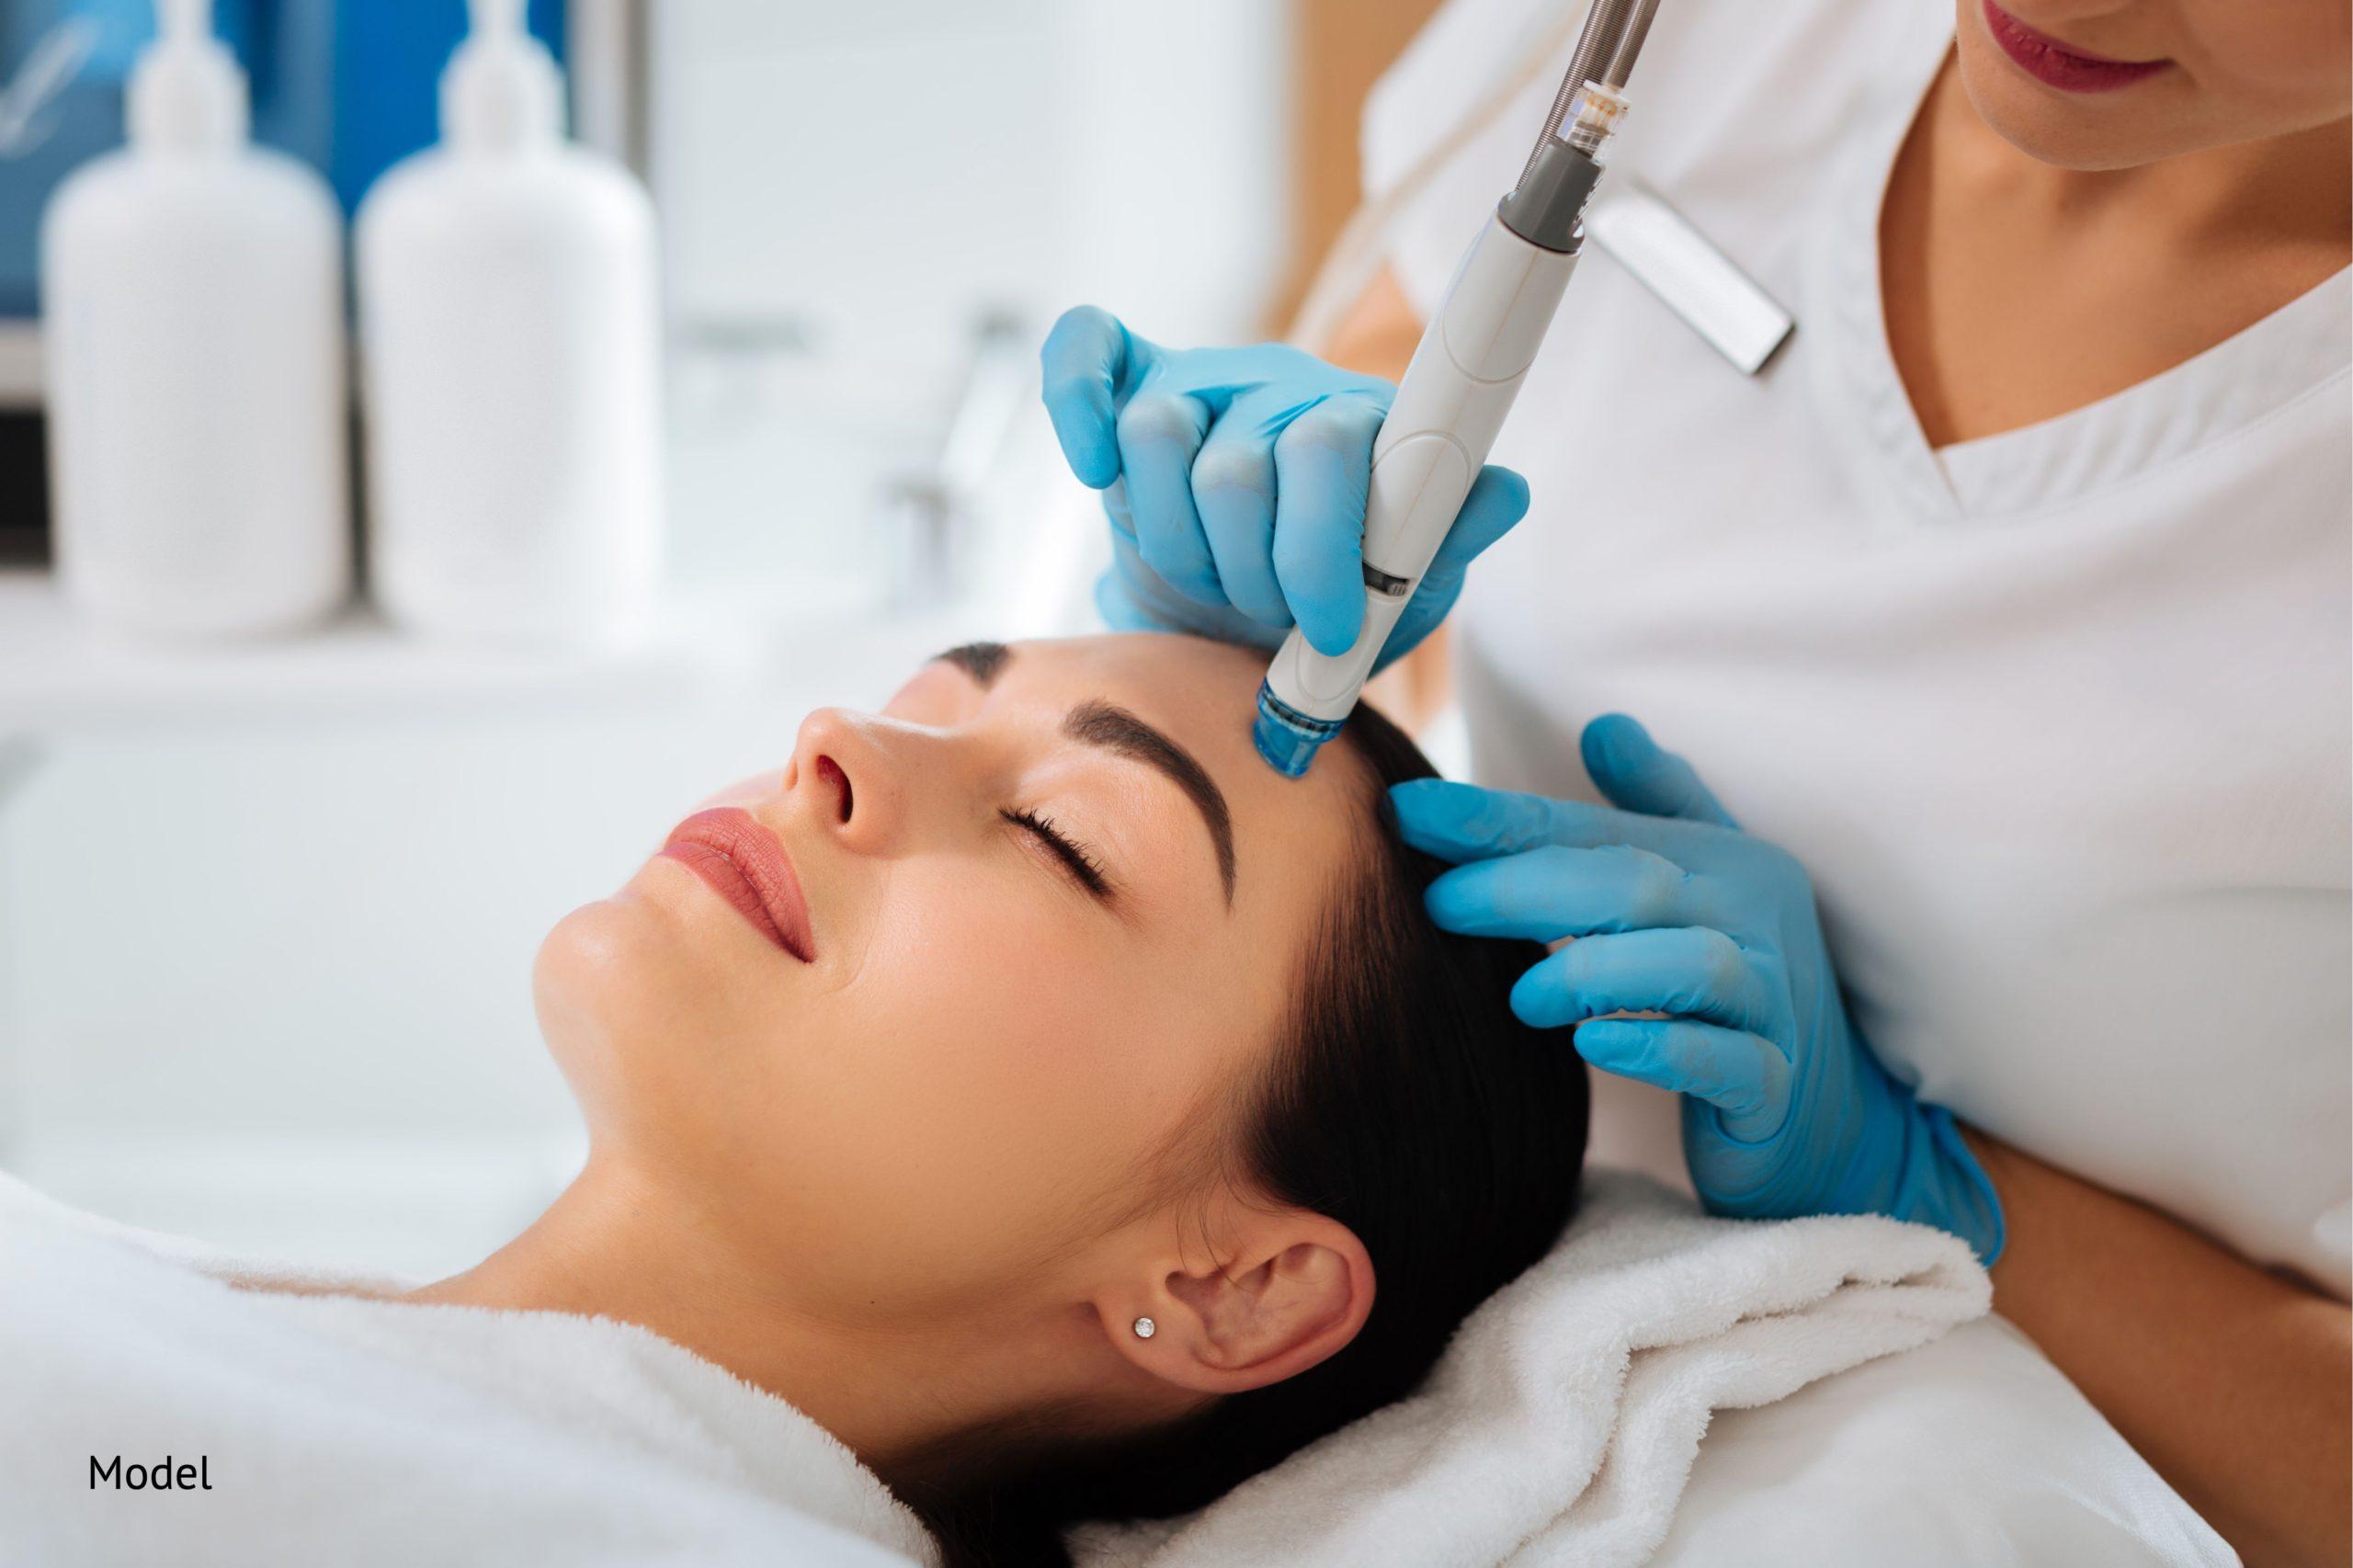 Microneedling treatment using a dermapen on a woman